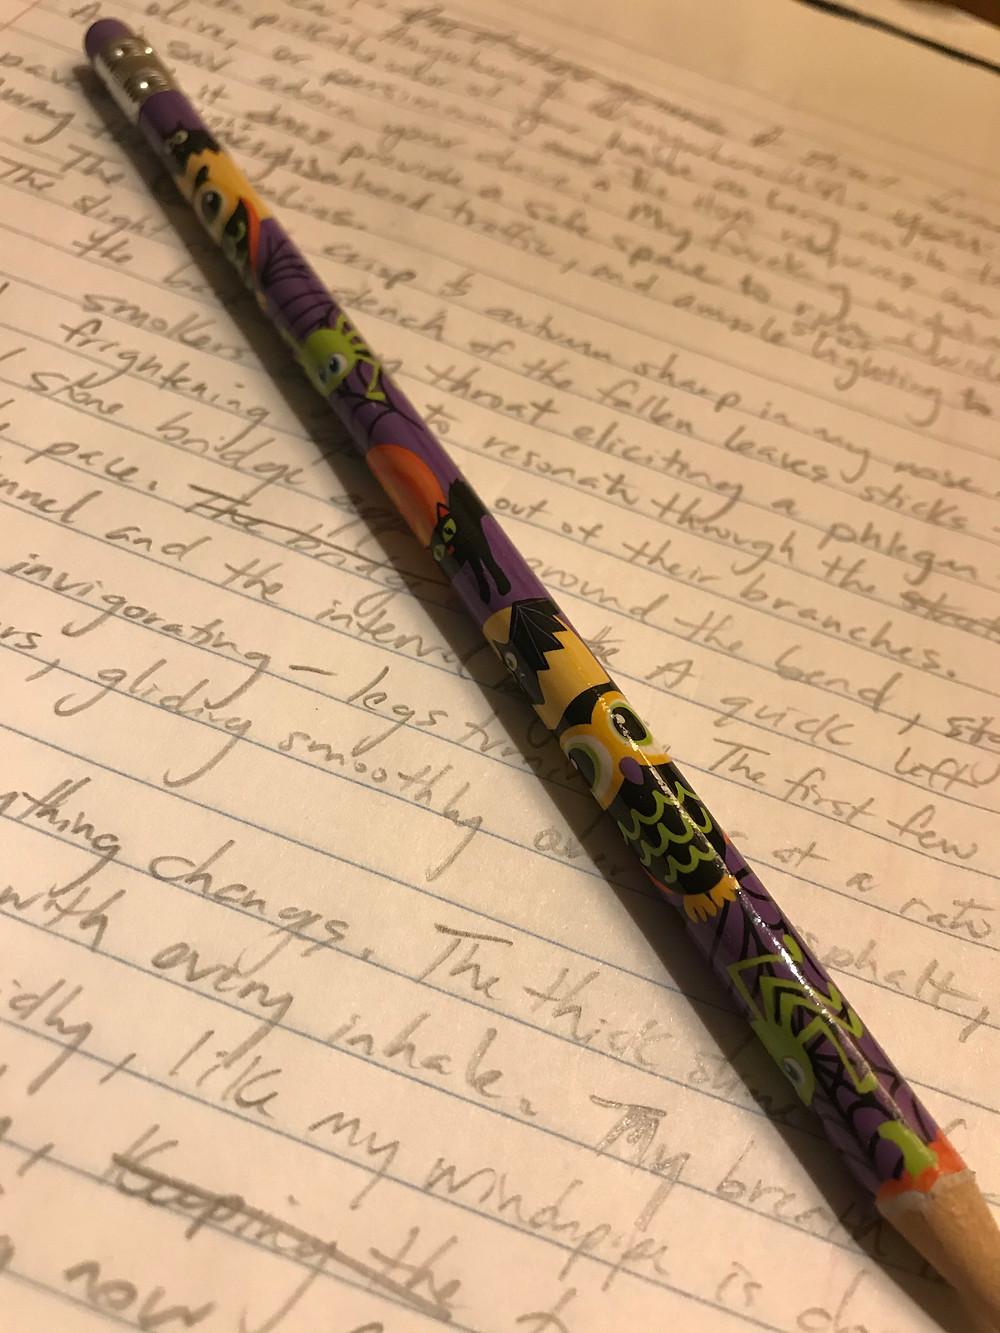 #penciloftheday